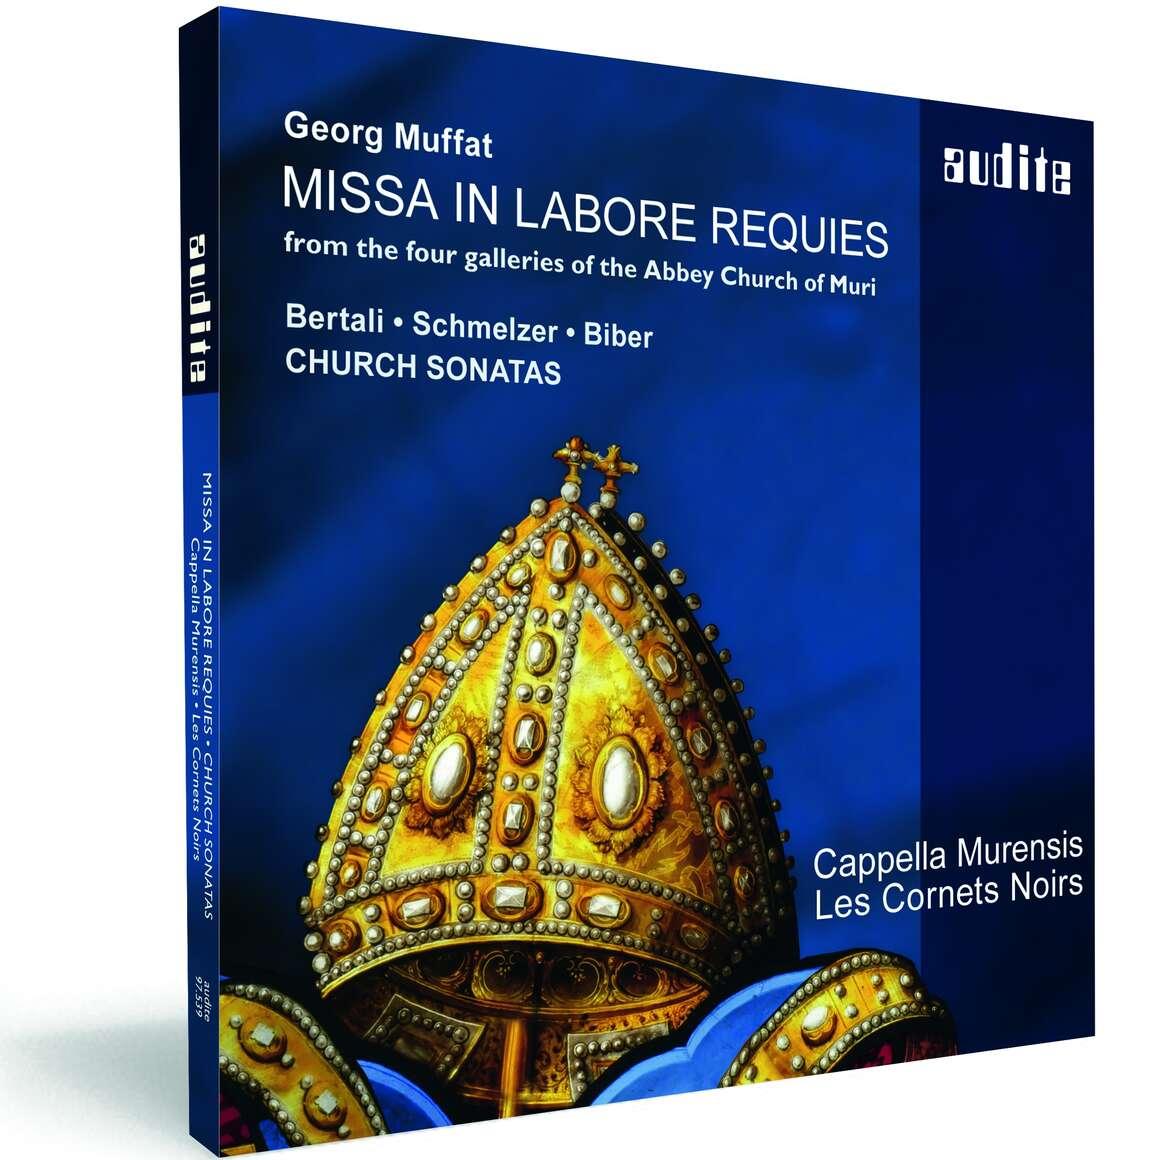 Muffat: Missa in labore requies & Church Sonatas by Bertali, Schmelzer & Biber